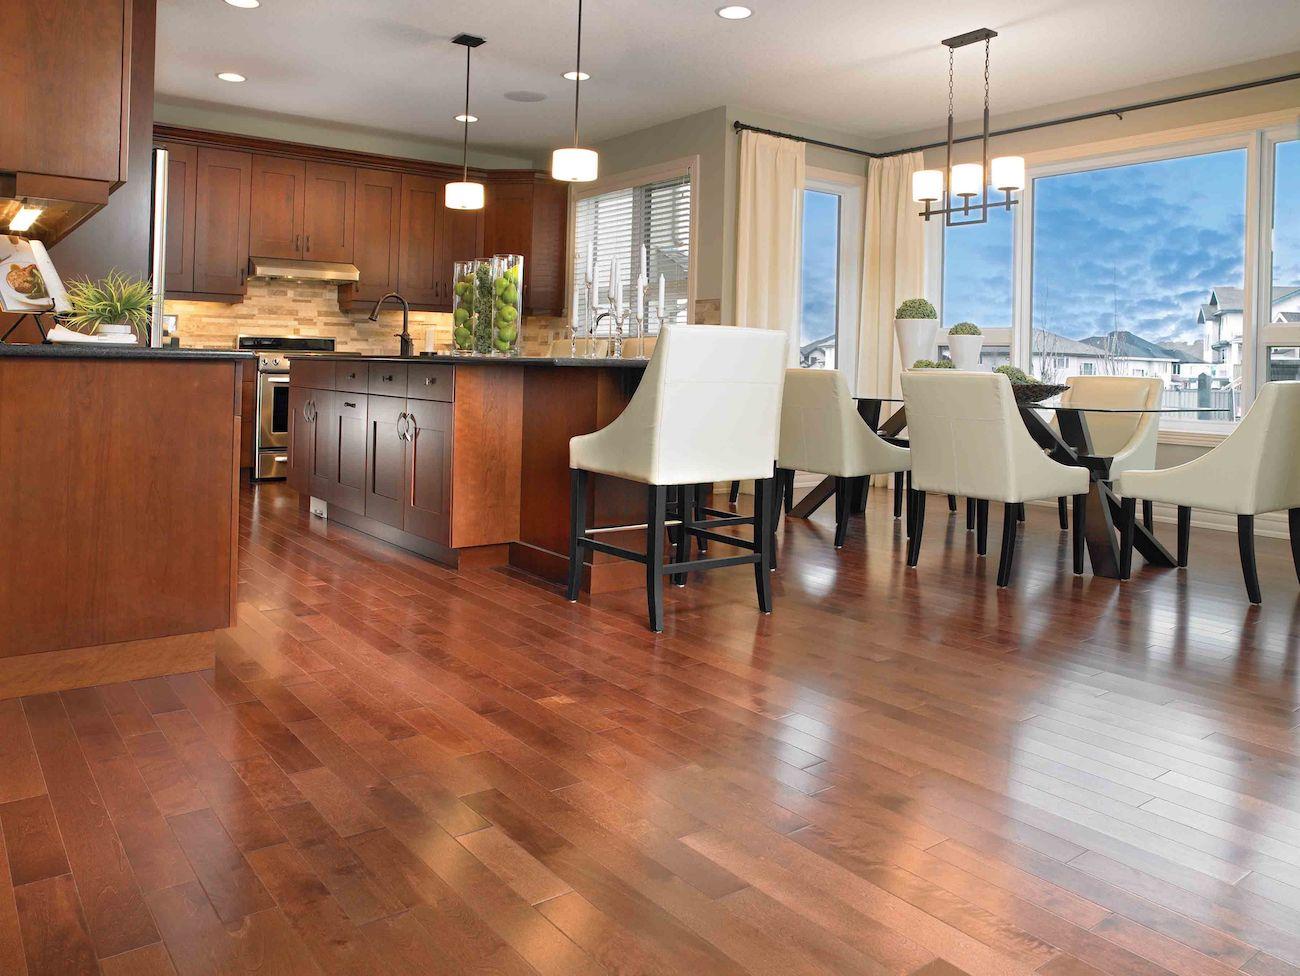 Warm Maple Prefinished Hardwood Flooring